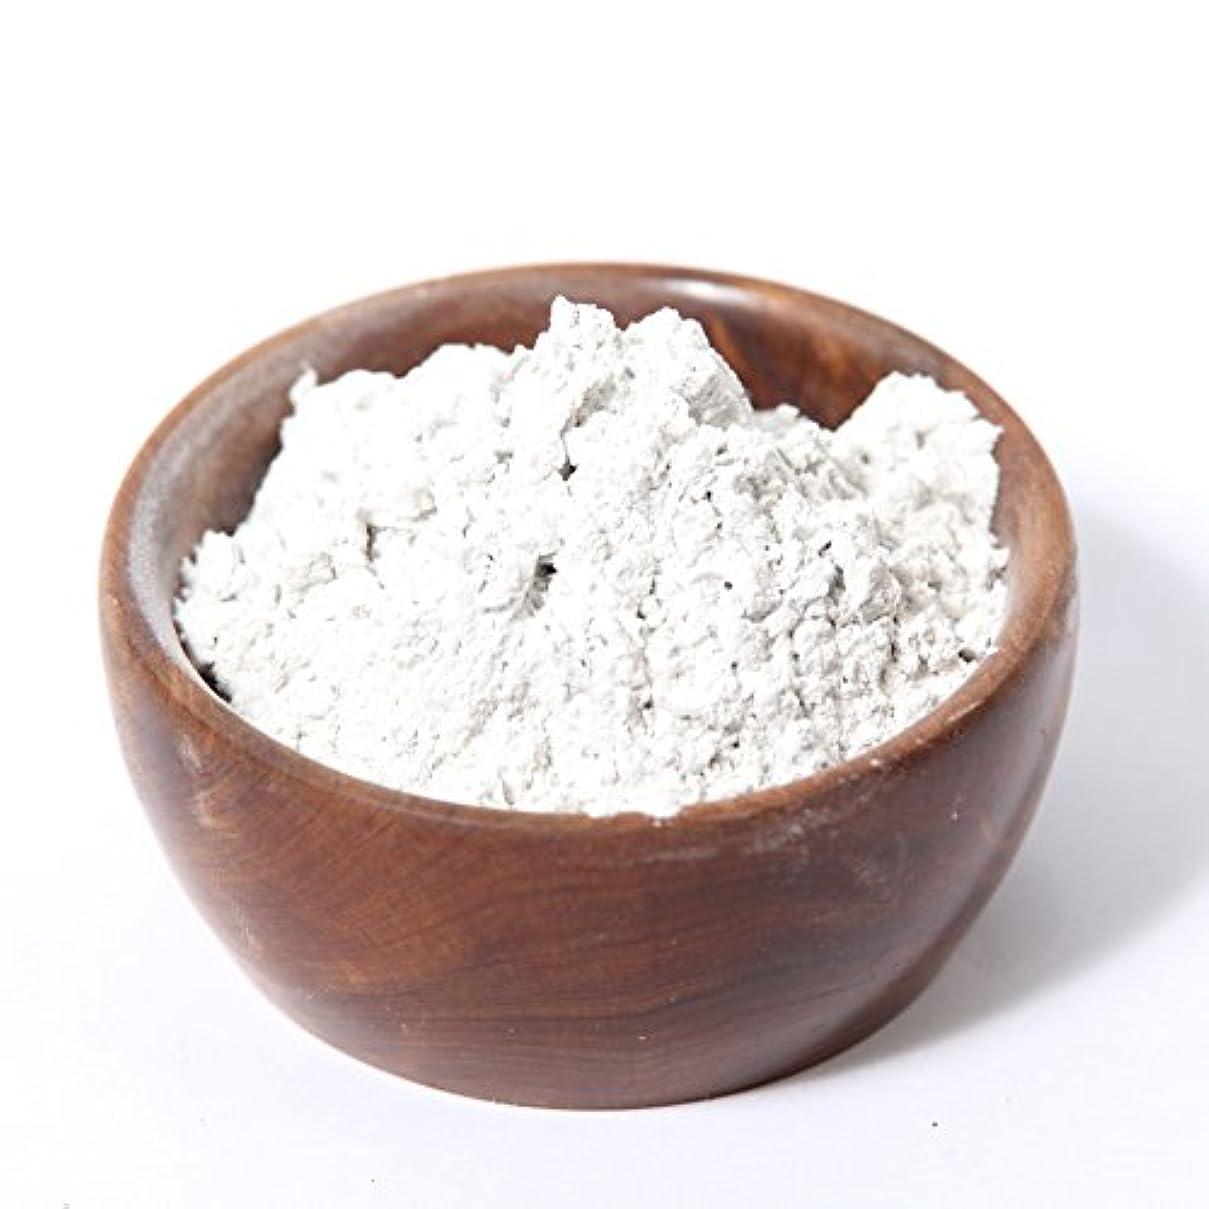 注ぎますクロニクル病気のPumice Stone Superfine For Face Exfoliant 500g